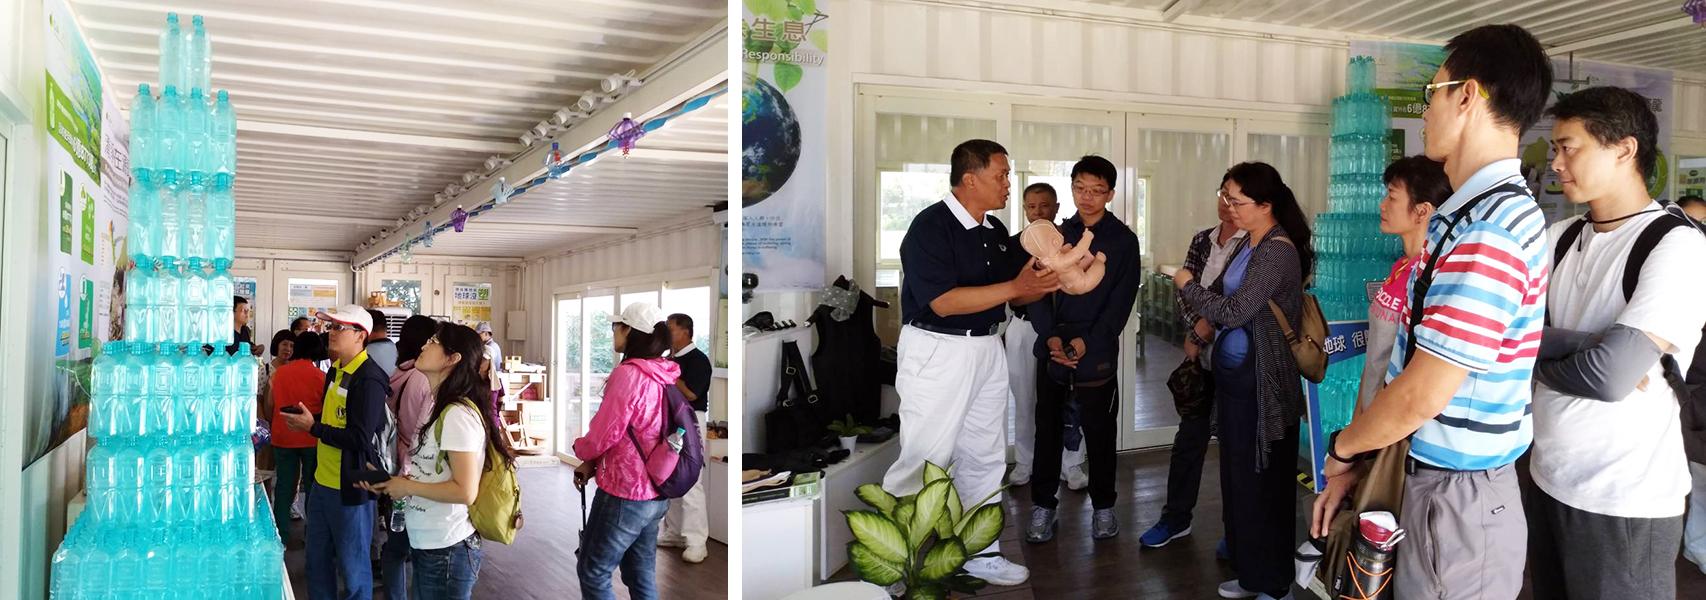 10月8日,來自桃園市108年度教師環境教育知能增能研習的教師一行近70人前來參訪慈濟基金會於農博中規劃的環保再生館,並進行環保DIY-祈福天燈的實做。(拍攝:夏萍蓮)